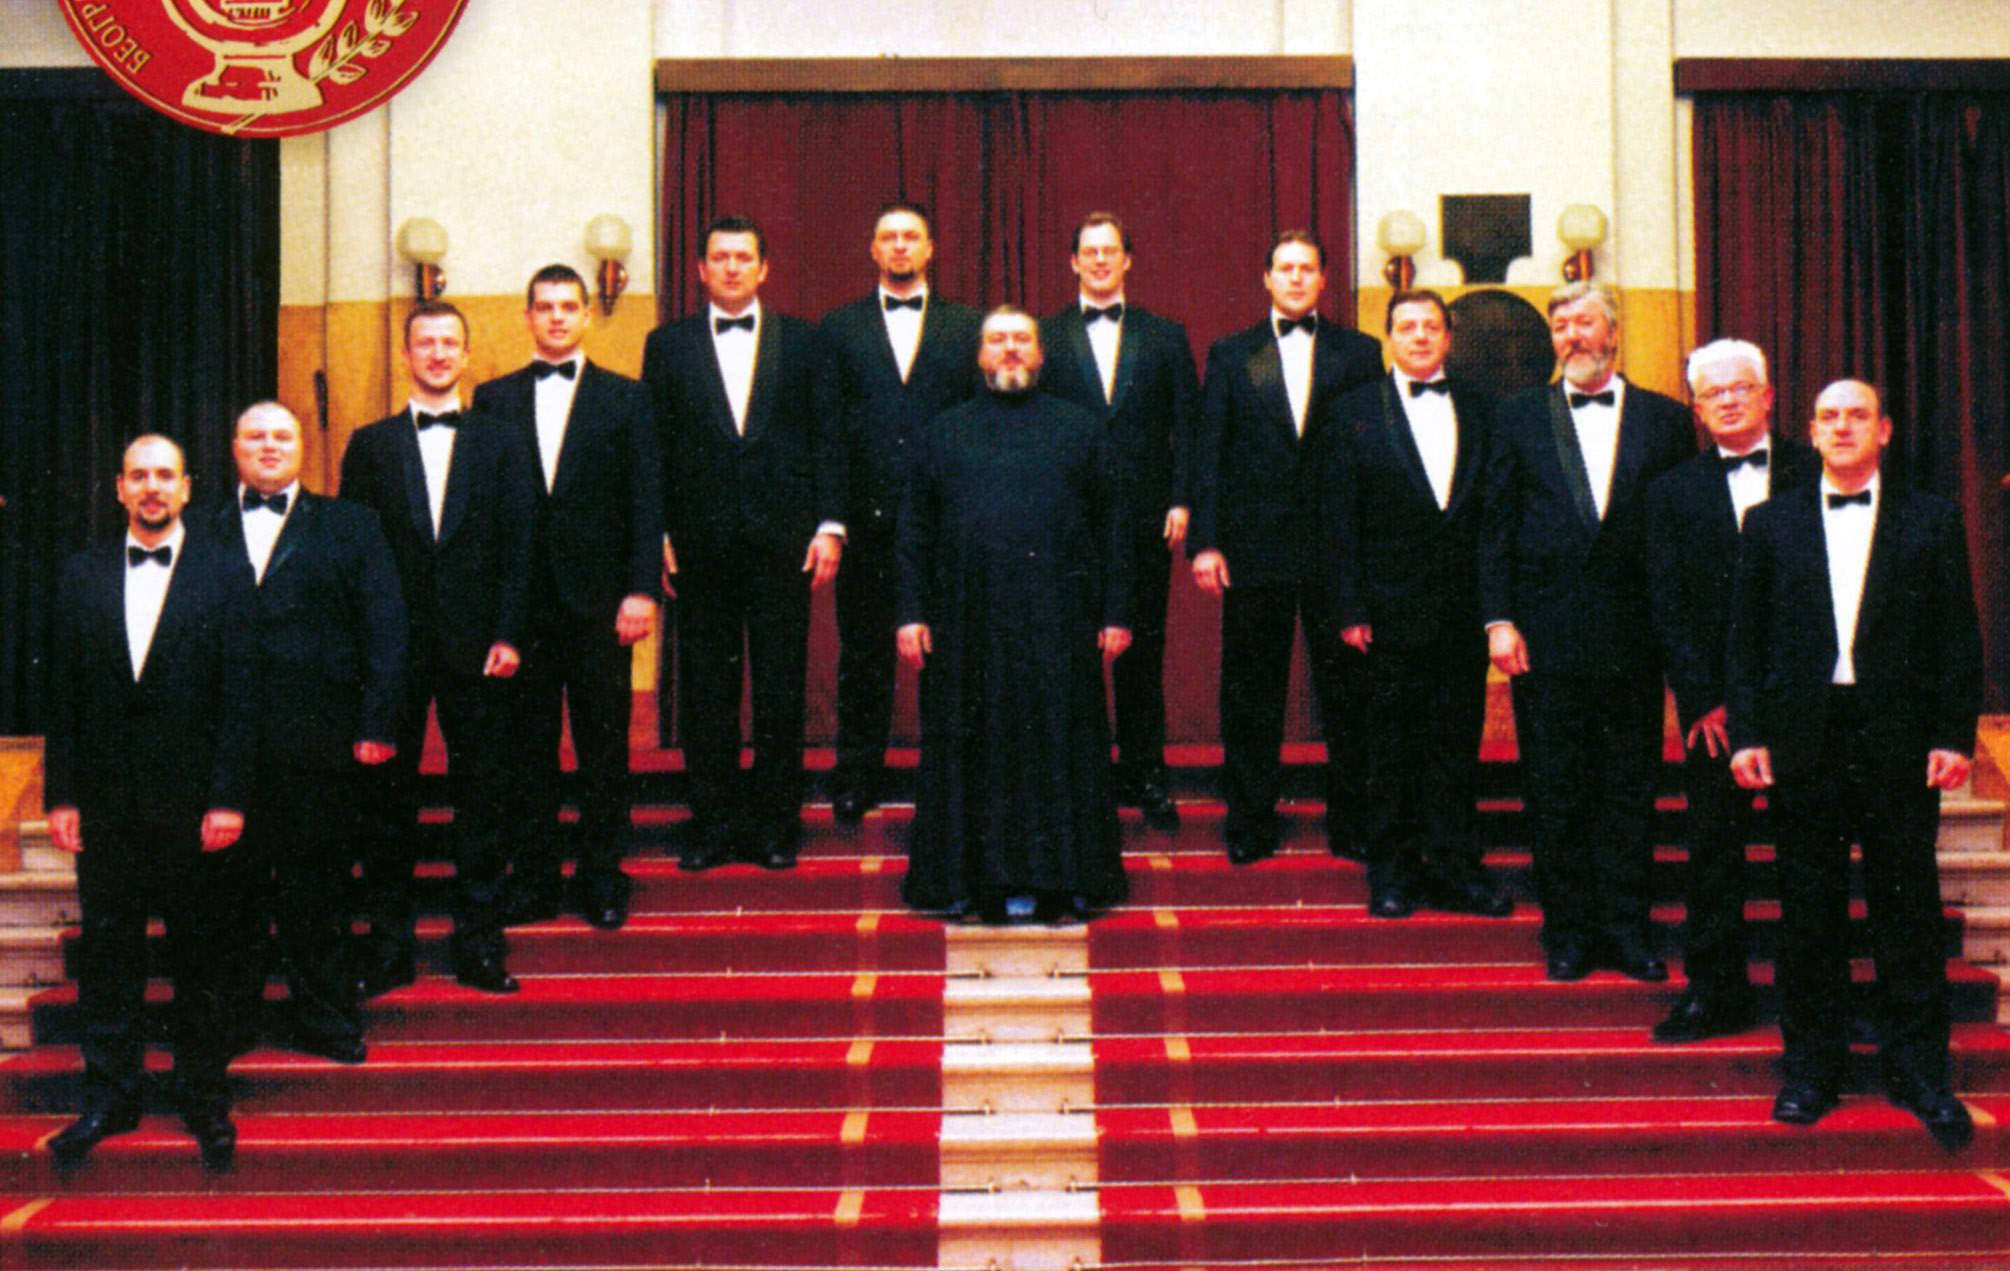 Męski Chór (Patriarchatu Serbskiego) Cerkwi pw. św. Sawy w Belgradzie